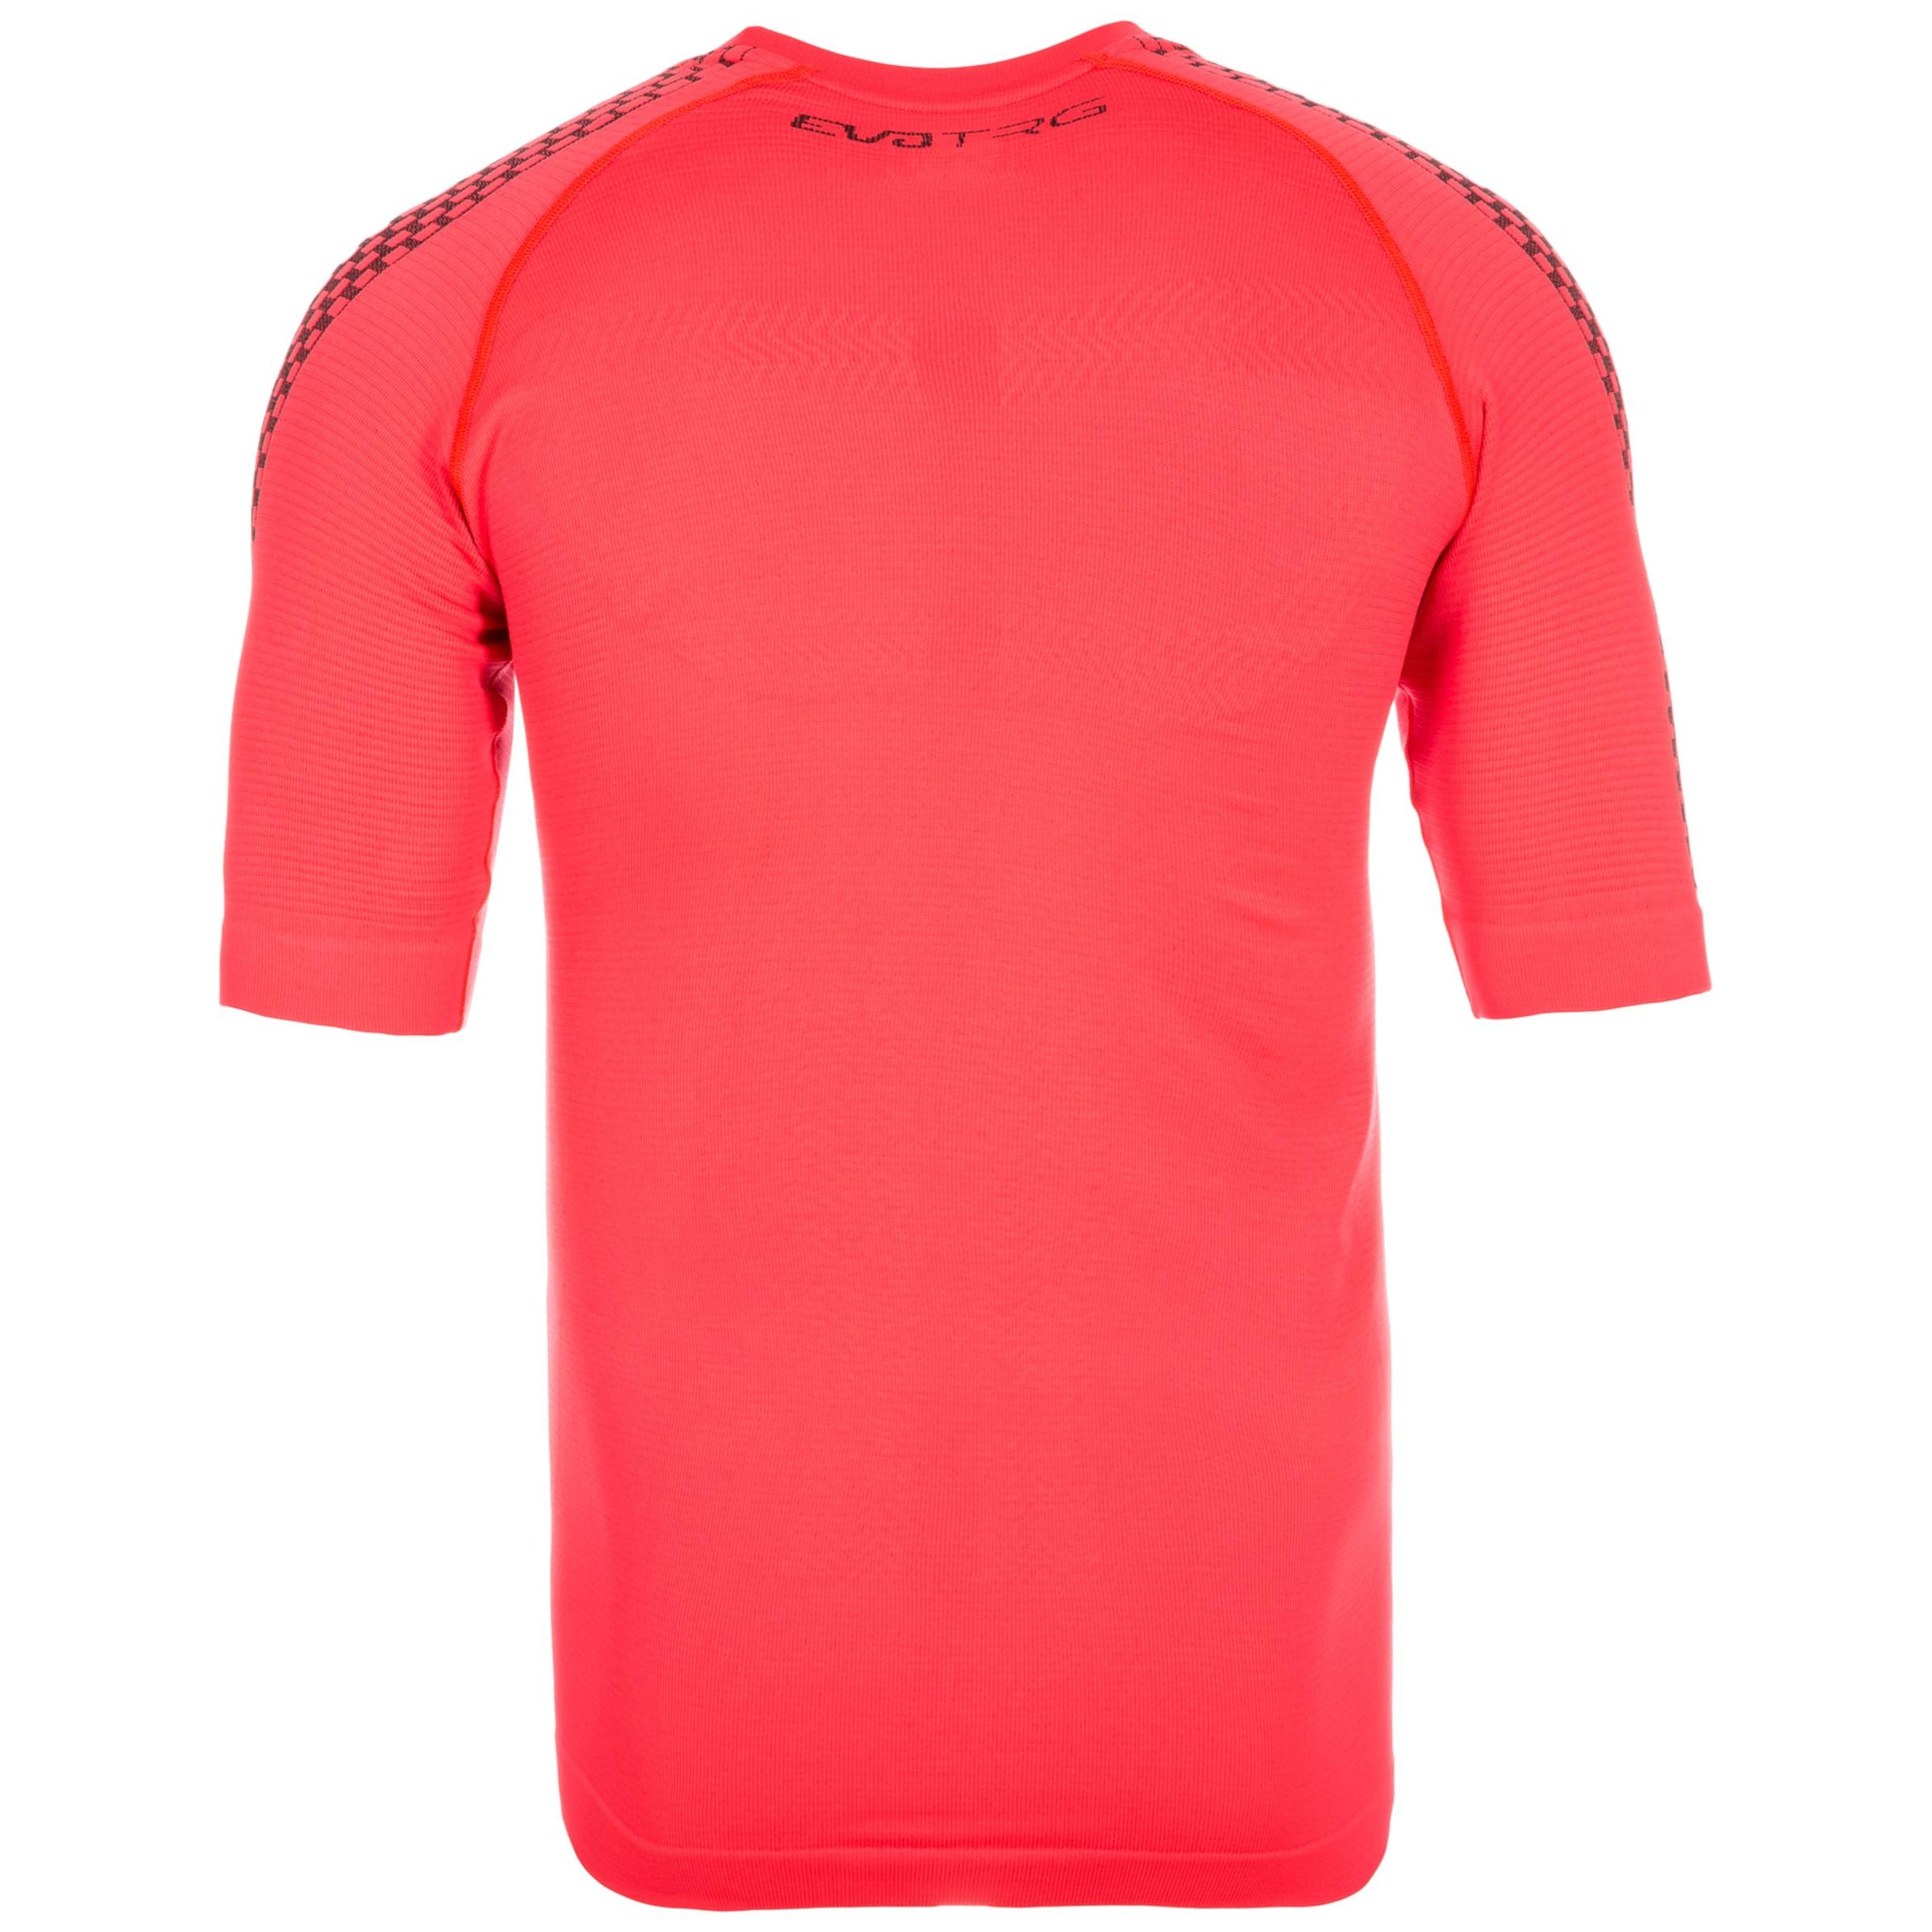 Sexy Sport Gefälschte Online PUMA Trainingsshirt 'IT evoTRG ACTV Thermo-R' Großhandelspreis Zu Verkaufen 8EEhKY1xY